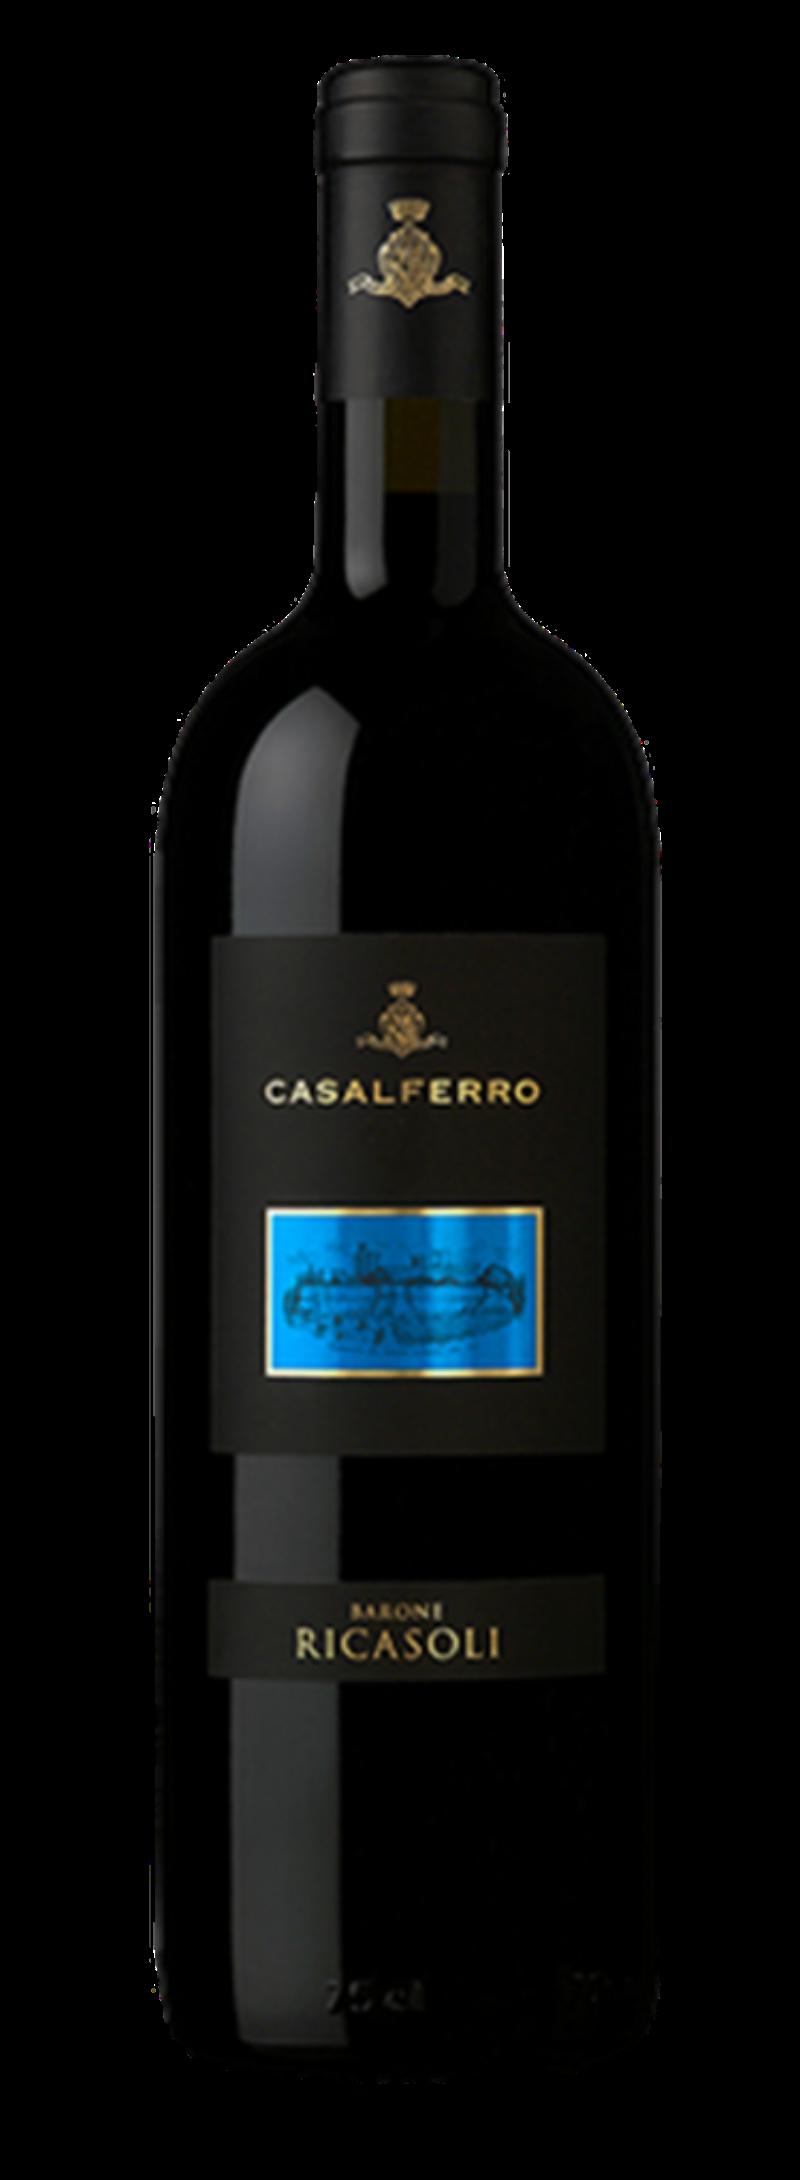 CASALFERRO-BARONE-RICASOLI-2001